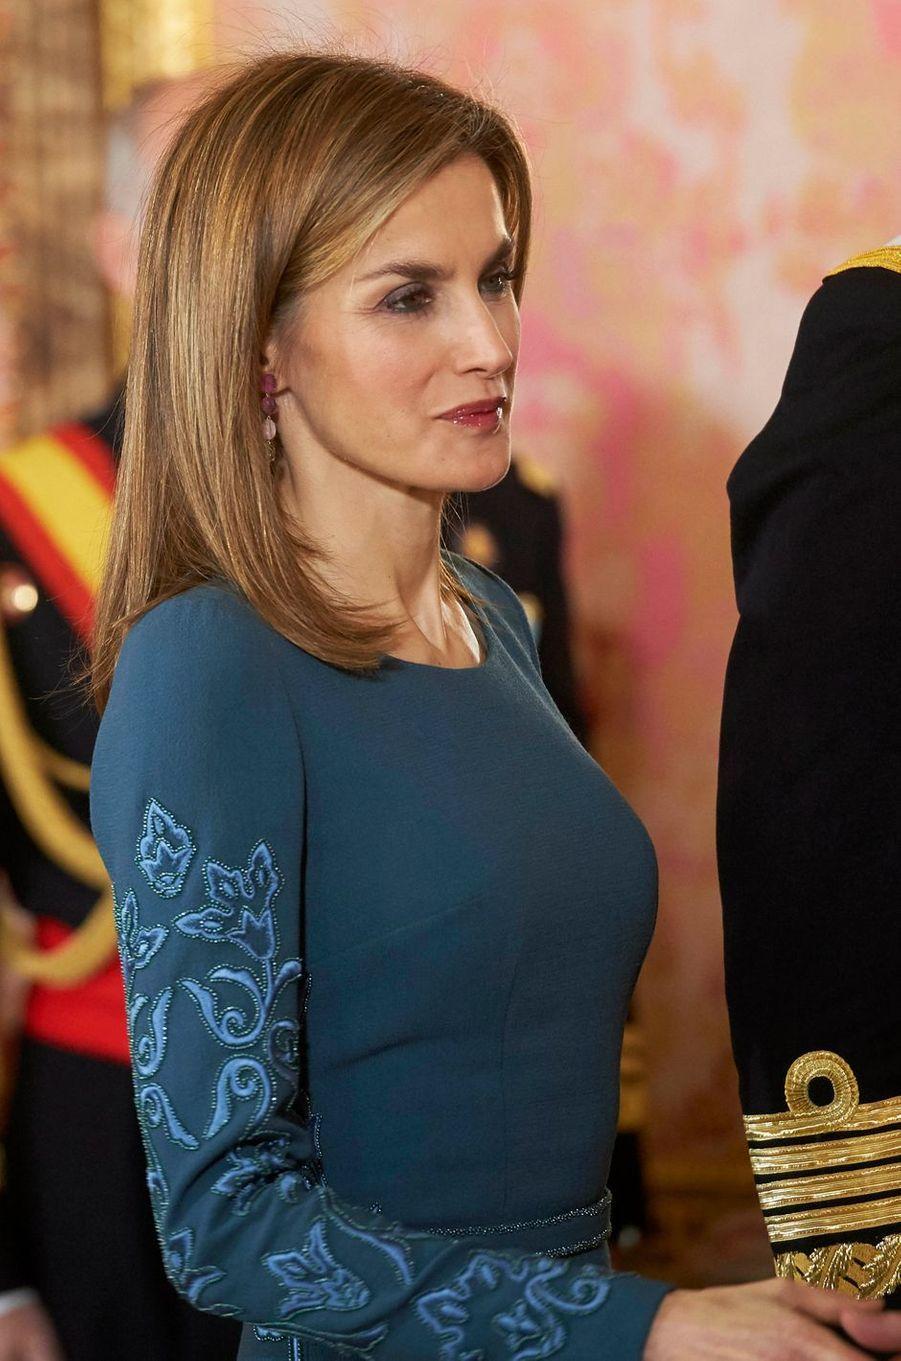 Détail des broderies de la robe de la reine Letizia d'Espagne à la Pascua Militar le 6 janvier 2015